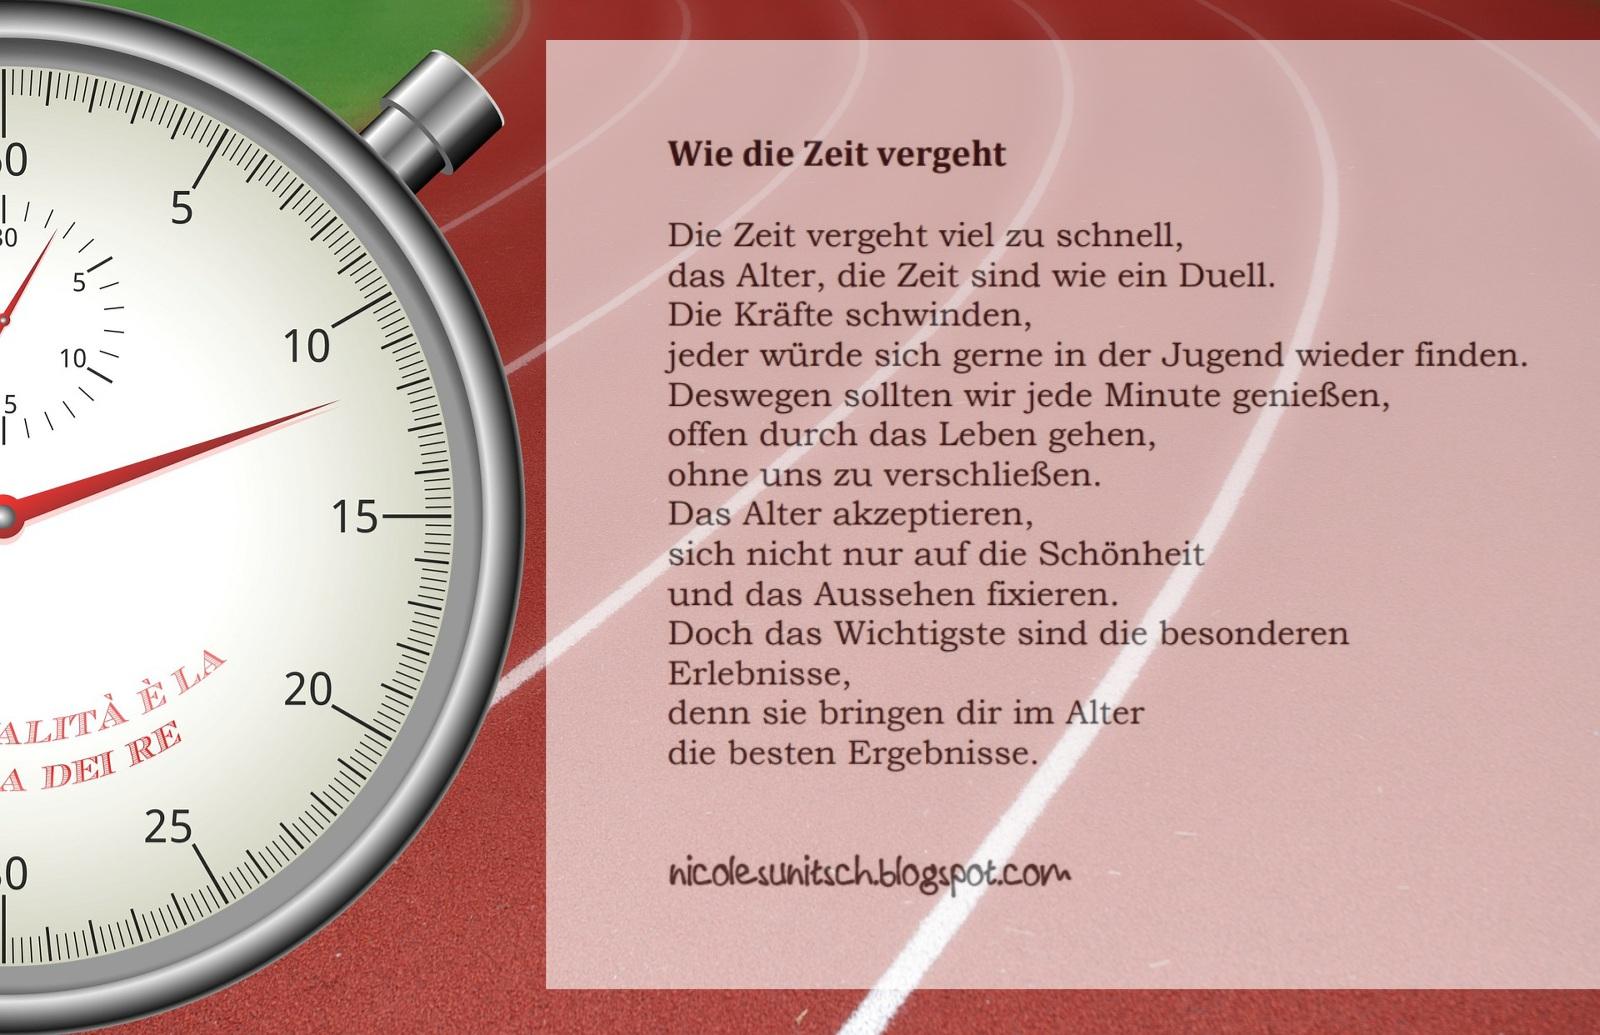 Gedichte Von Nicole Sunitsch Autorin Gedicht Wie Die Zeit